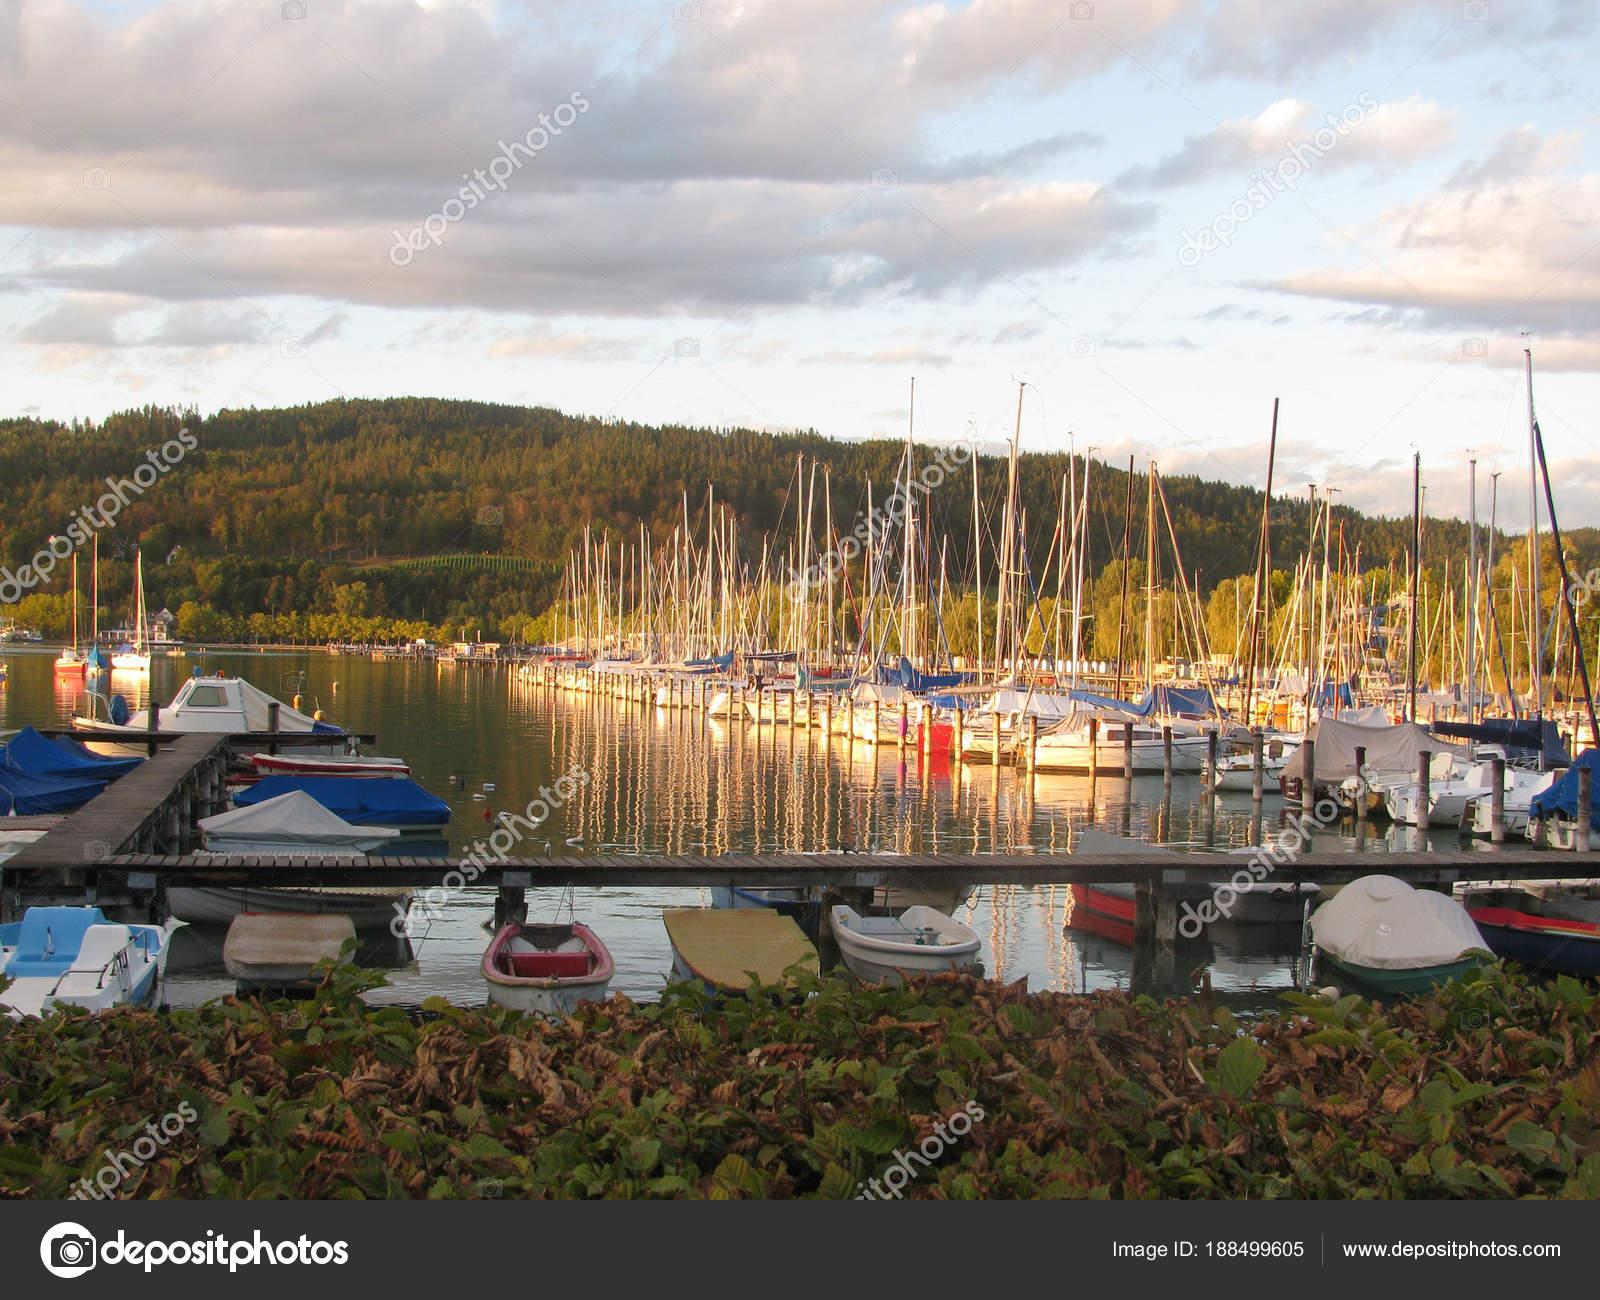 vacances autriche Chic Vacances Sur Lac Autriche Klagenfurtu2013 images de stock libres de droits